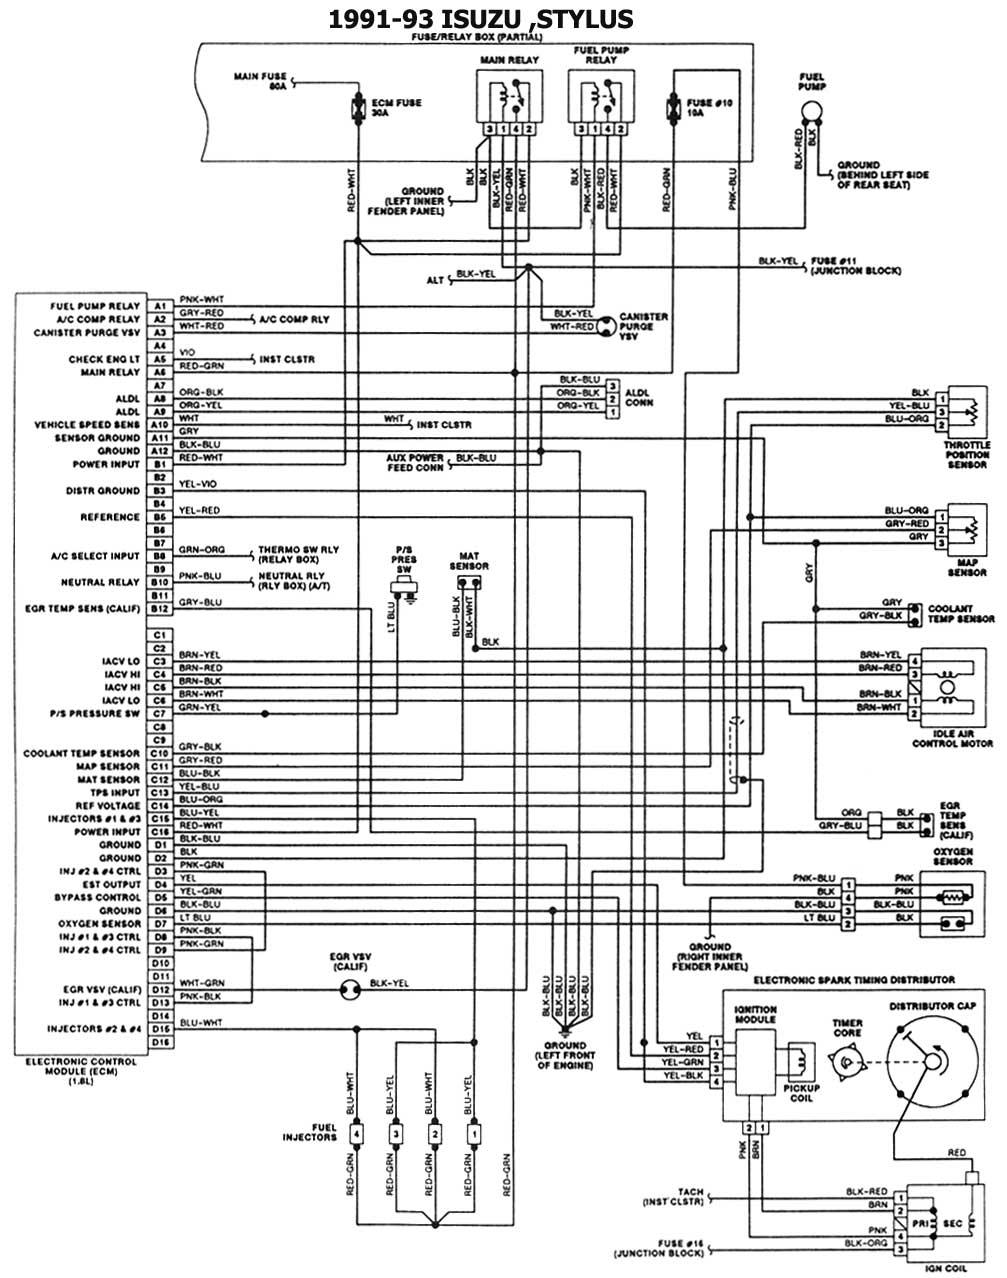 hight resolution of 1991 93 esquemas electricos trooper